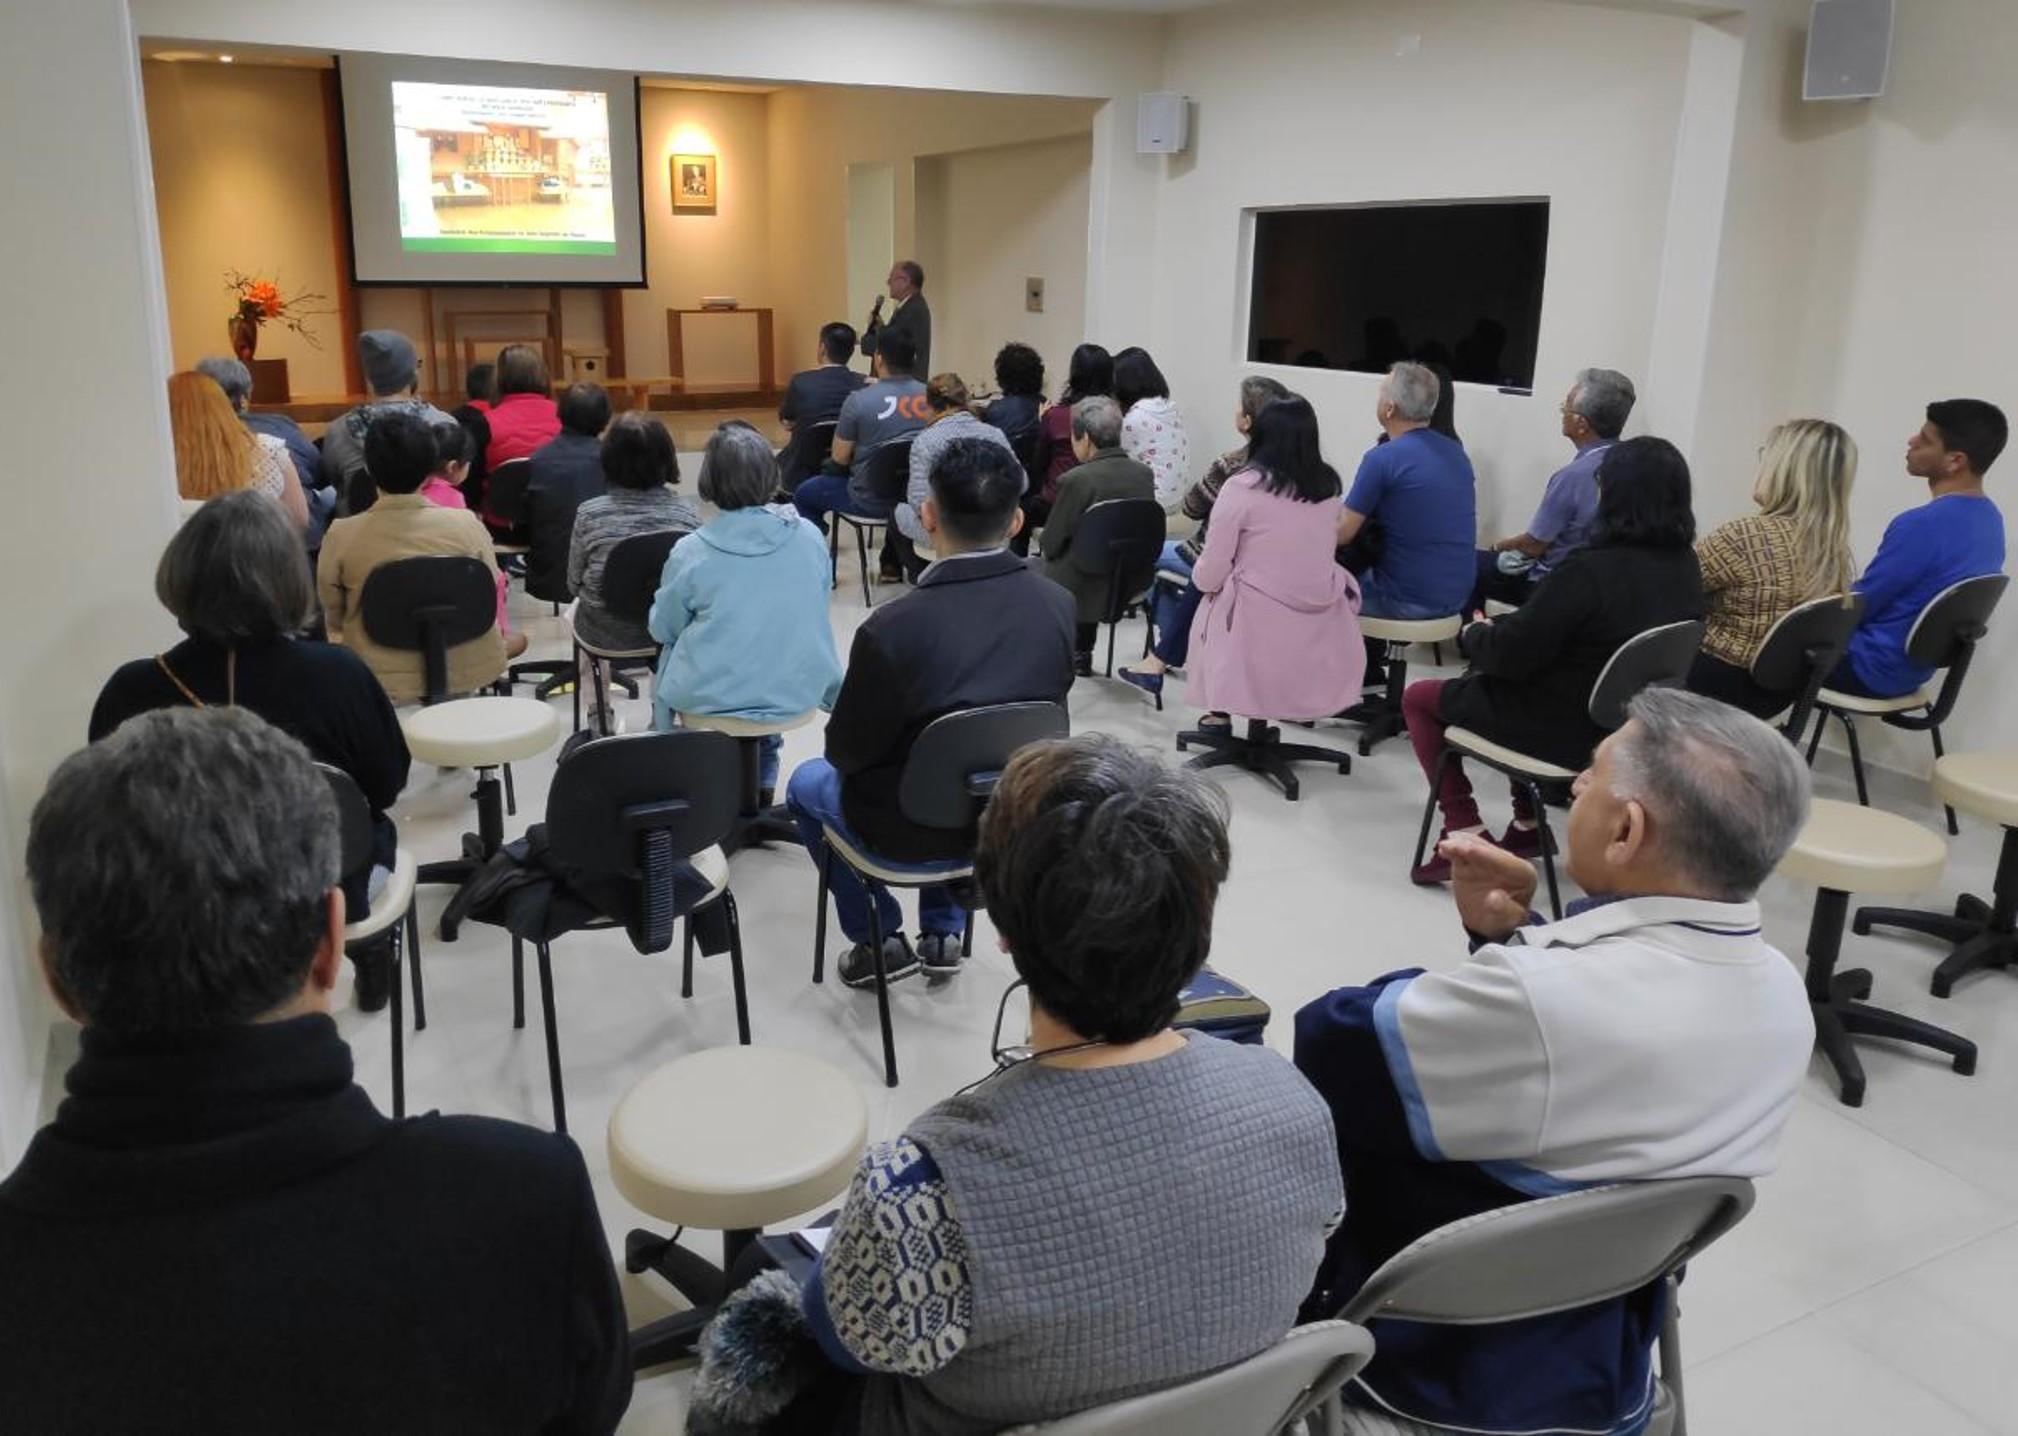 Setor de Sorei Saishi do Johrei Center Maringá (PR) promove atividade